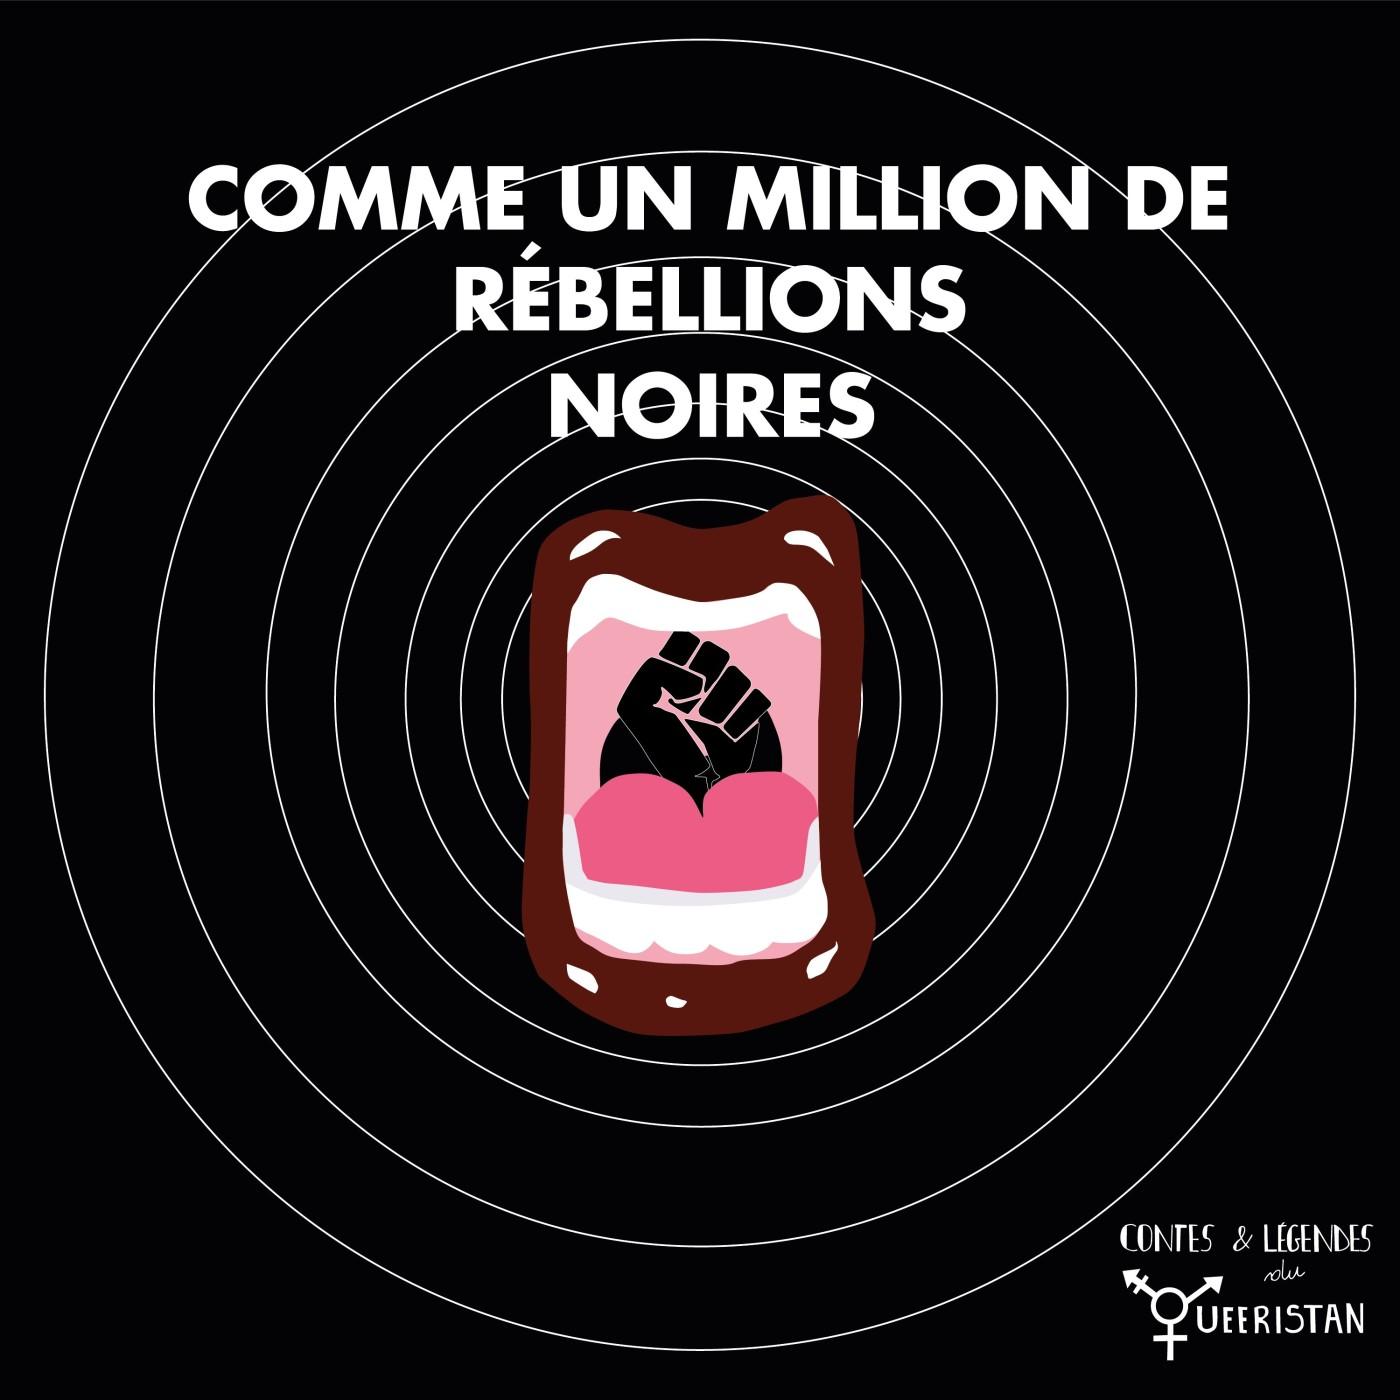 ✊🏿Comme un million de rébellions Noires (méditation Black Queer Lives Matter)